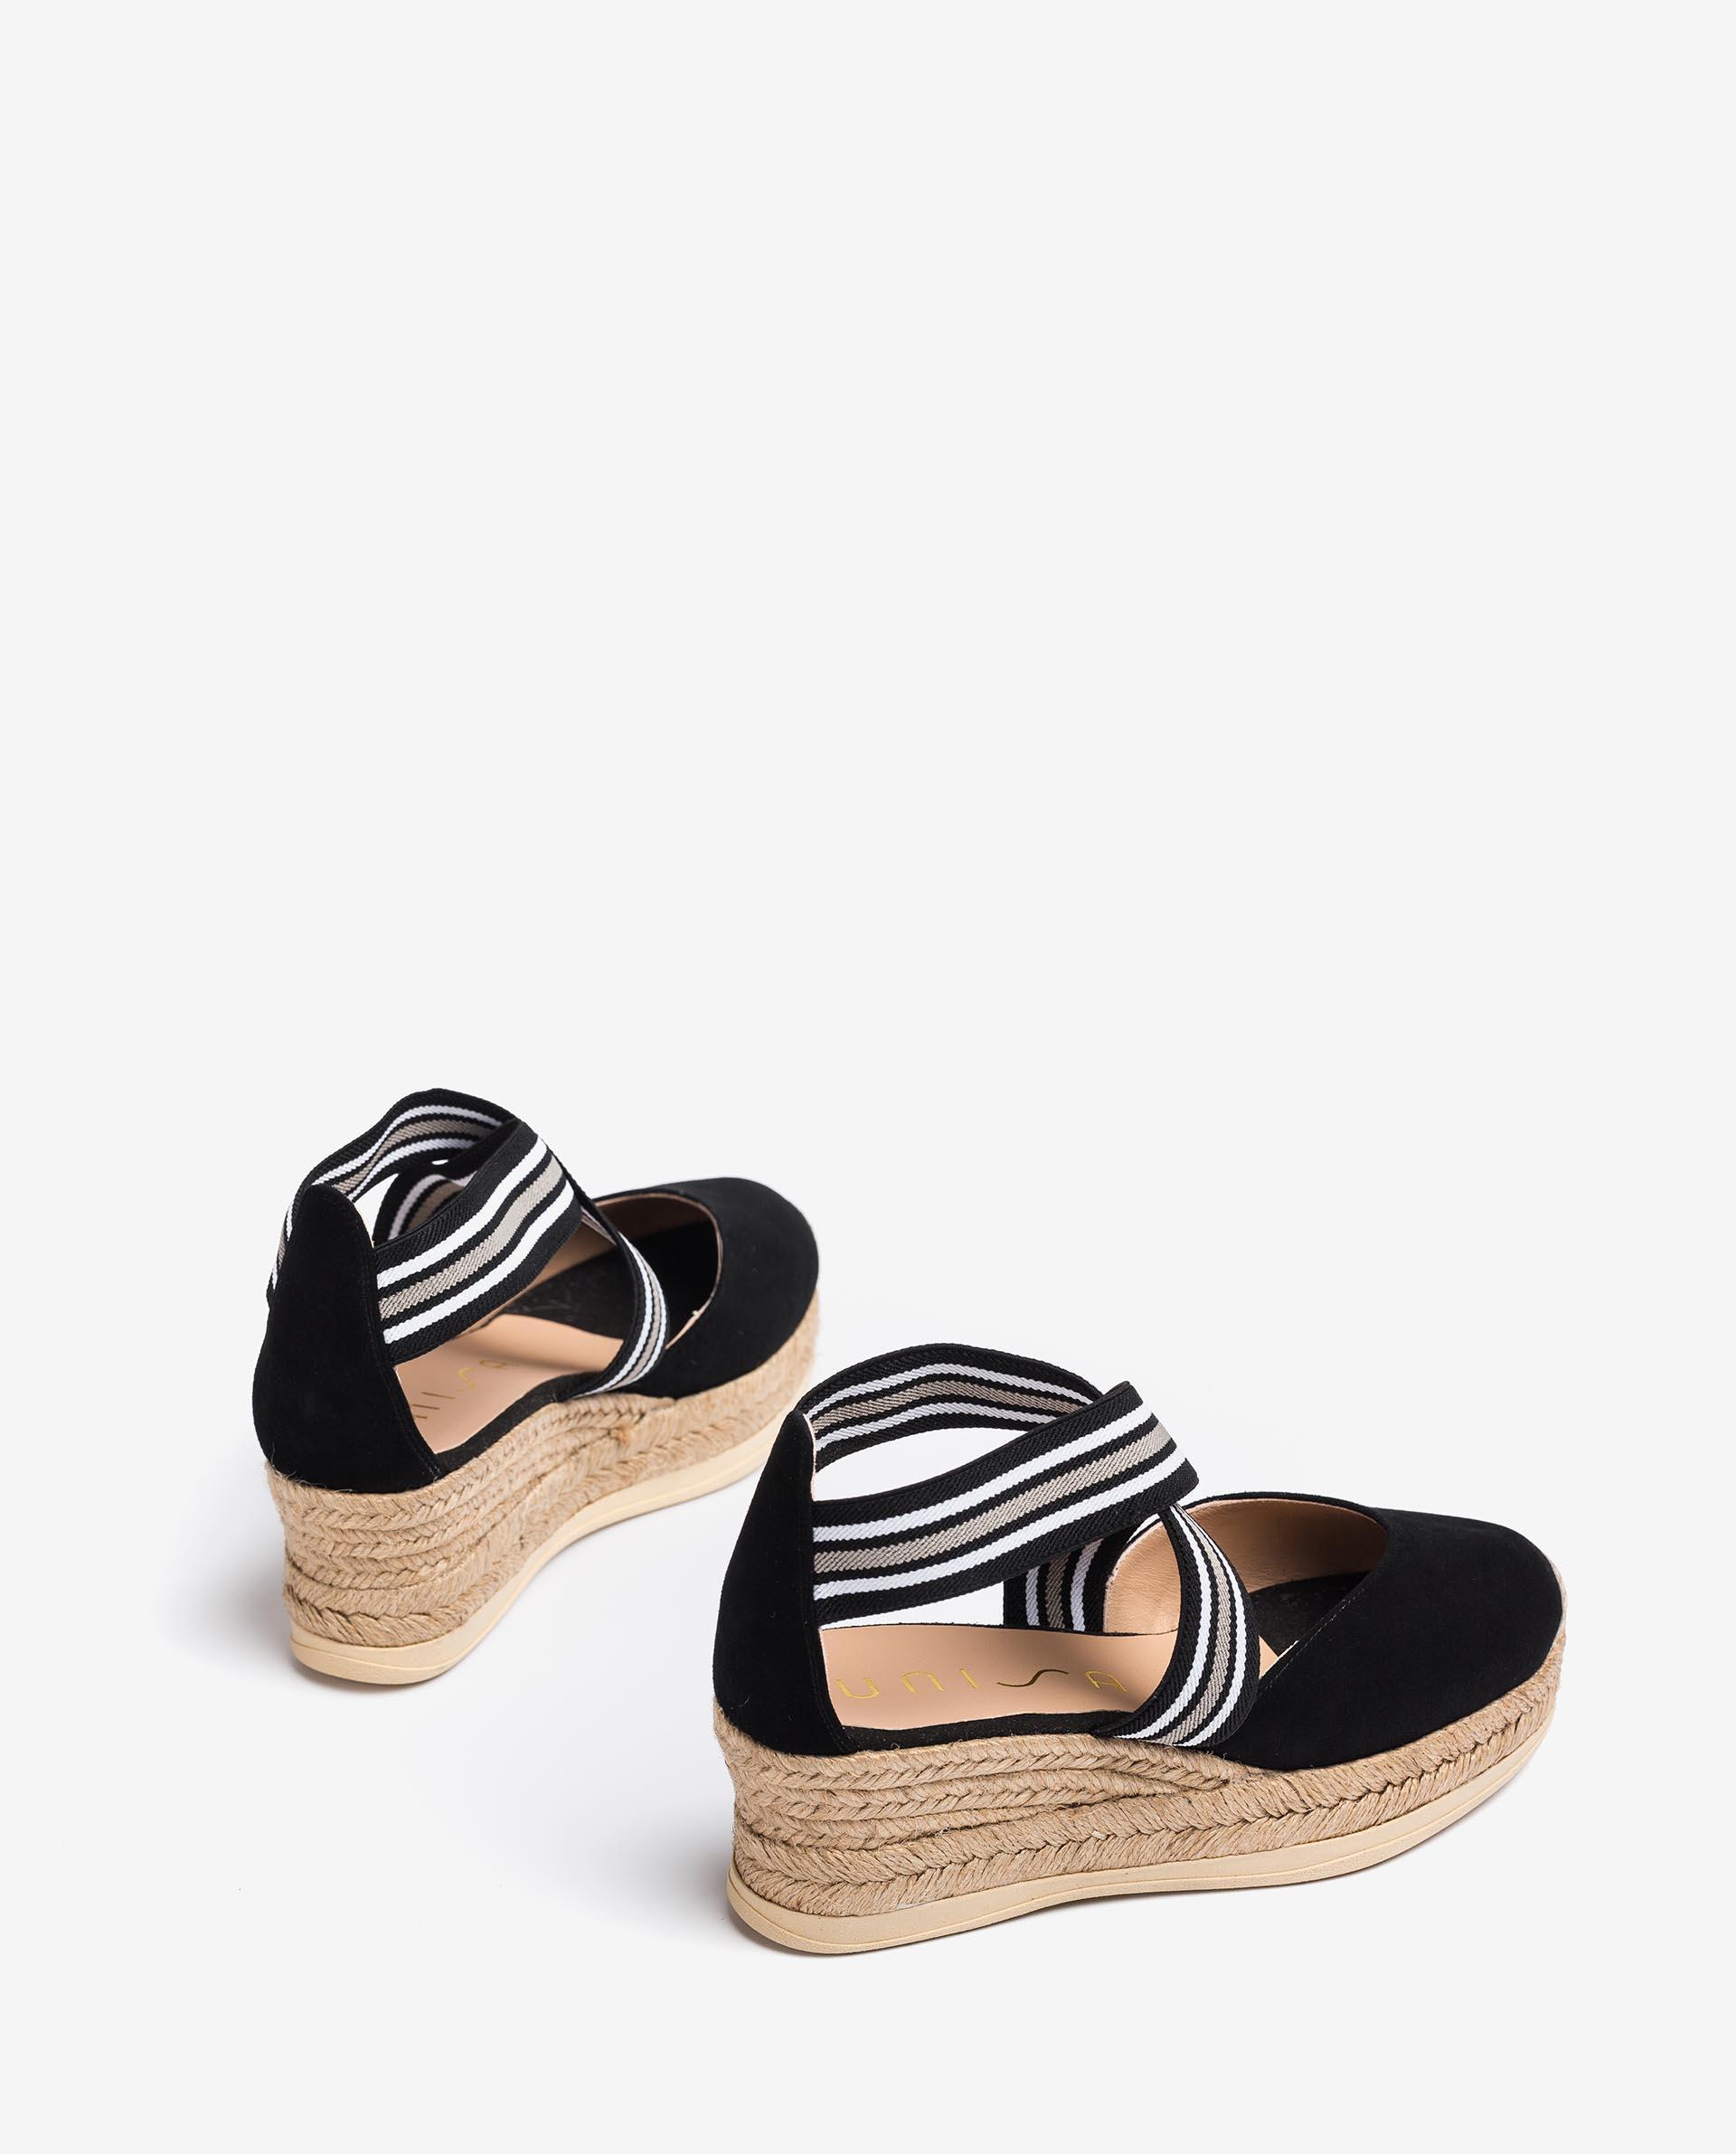 UNISA Elastic straps sandals CIRATE_KS 2